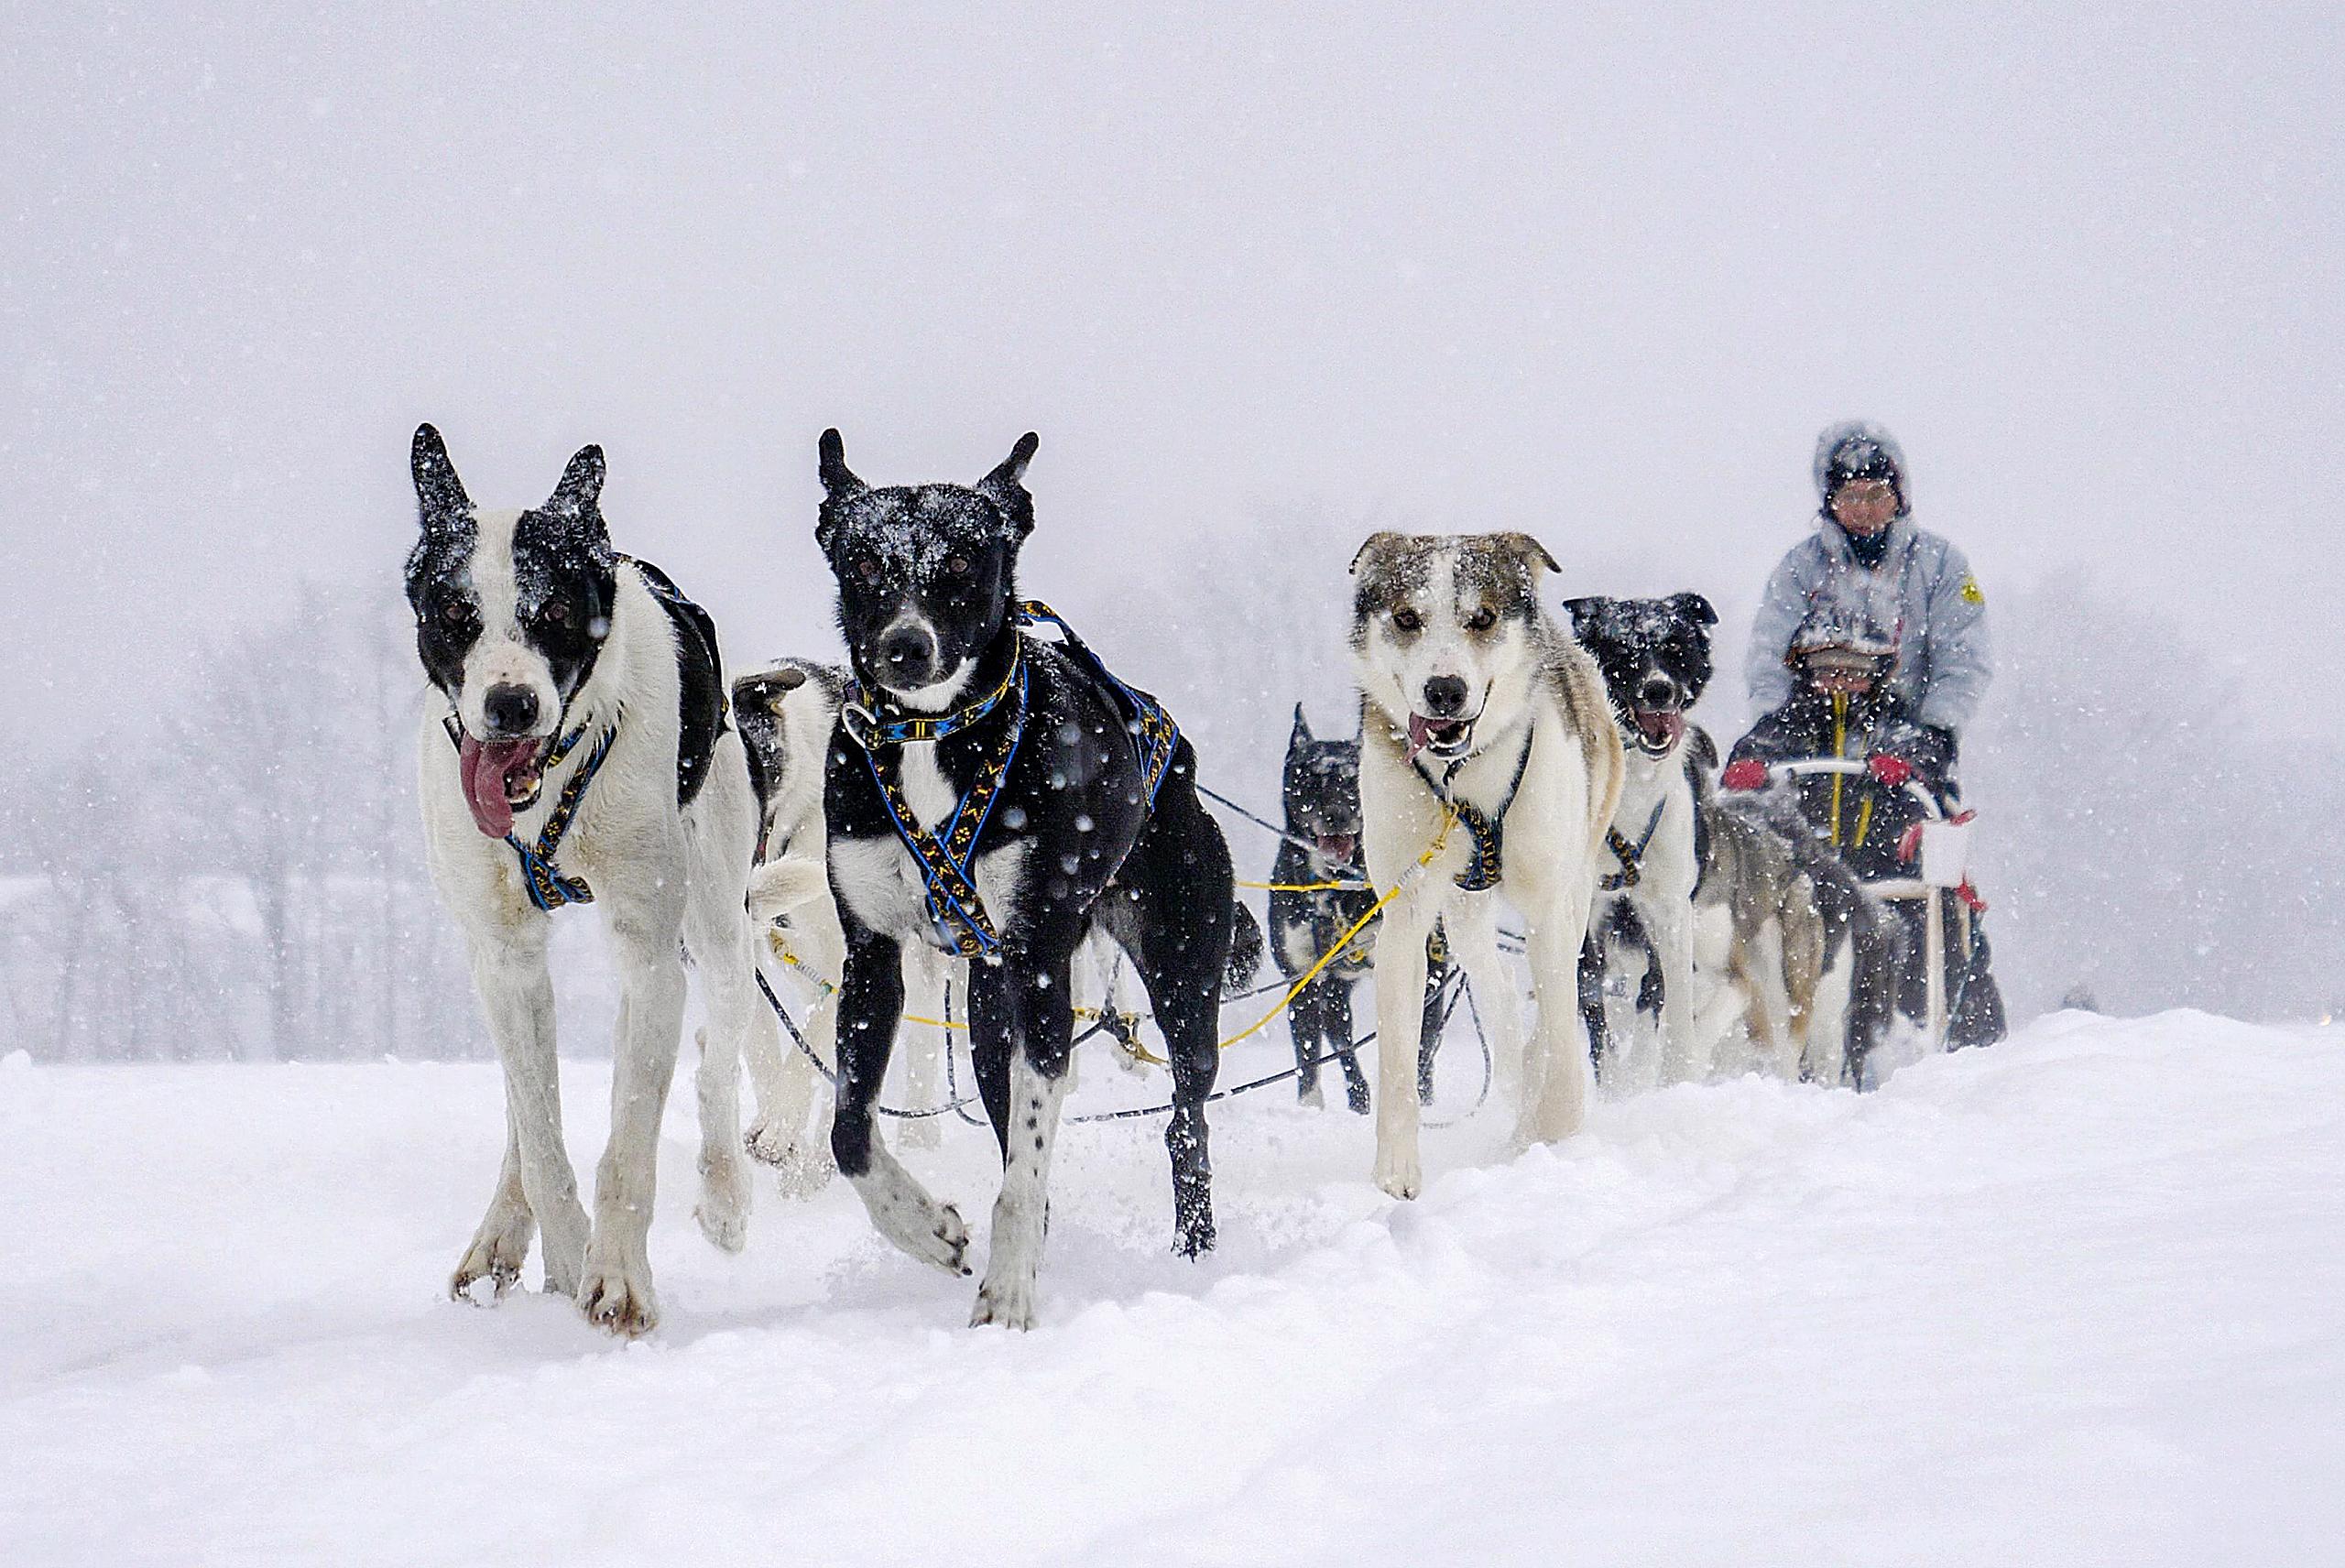 十勝の大雪原をダイナミックに駆け抜ける!鹿追町で犬ぞり操縦体験!